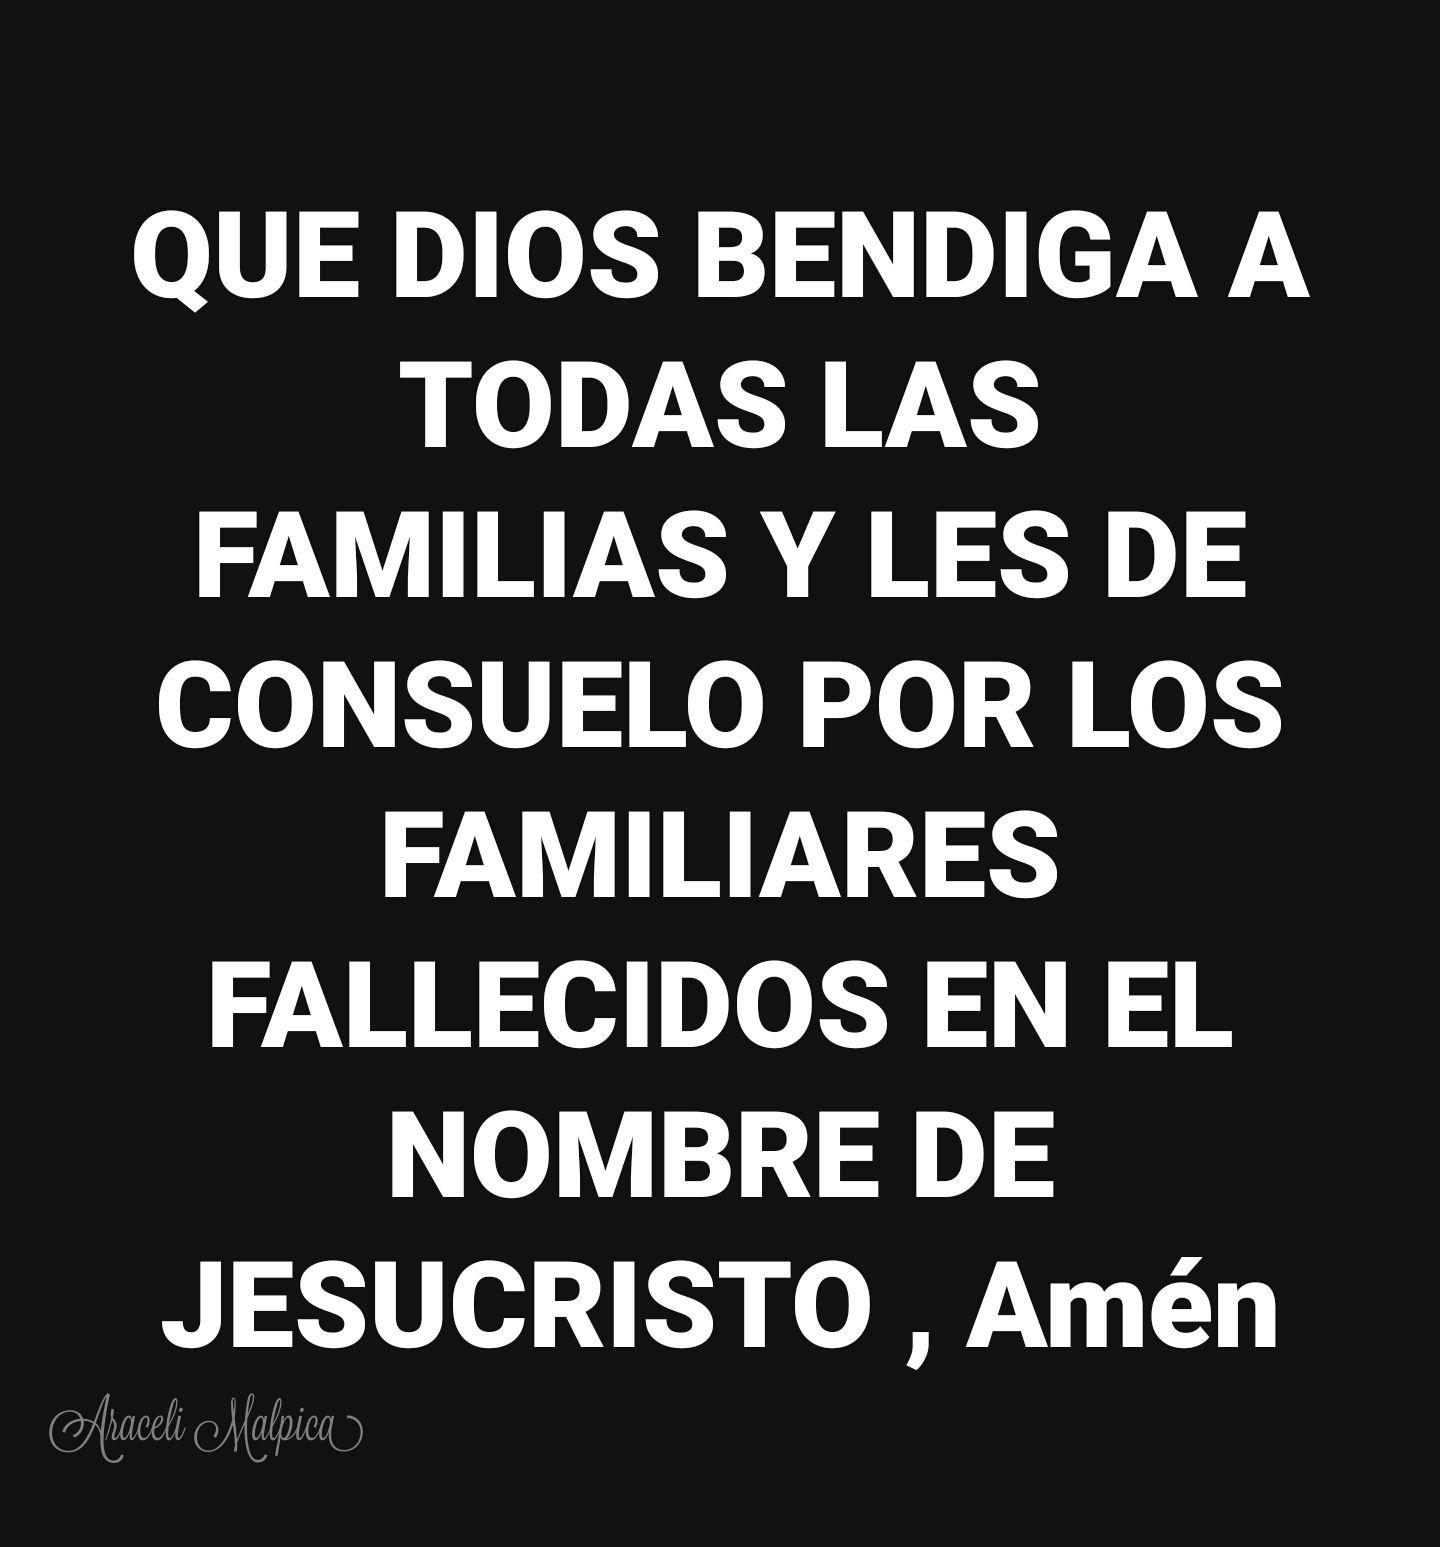 QUE DIOS BENDIGA A TODAS LAS FAMILIAS Y LES DE CONSUELO POR LOS ...